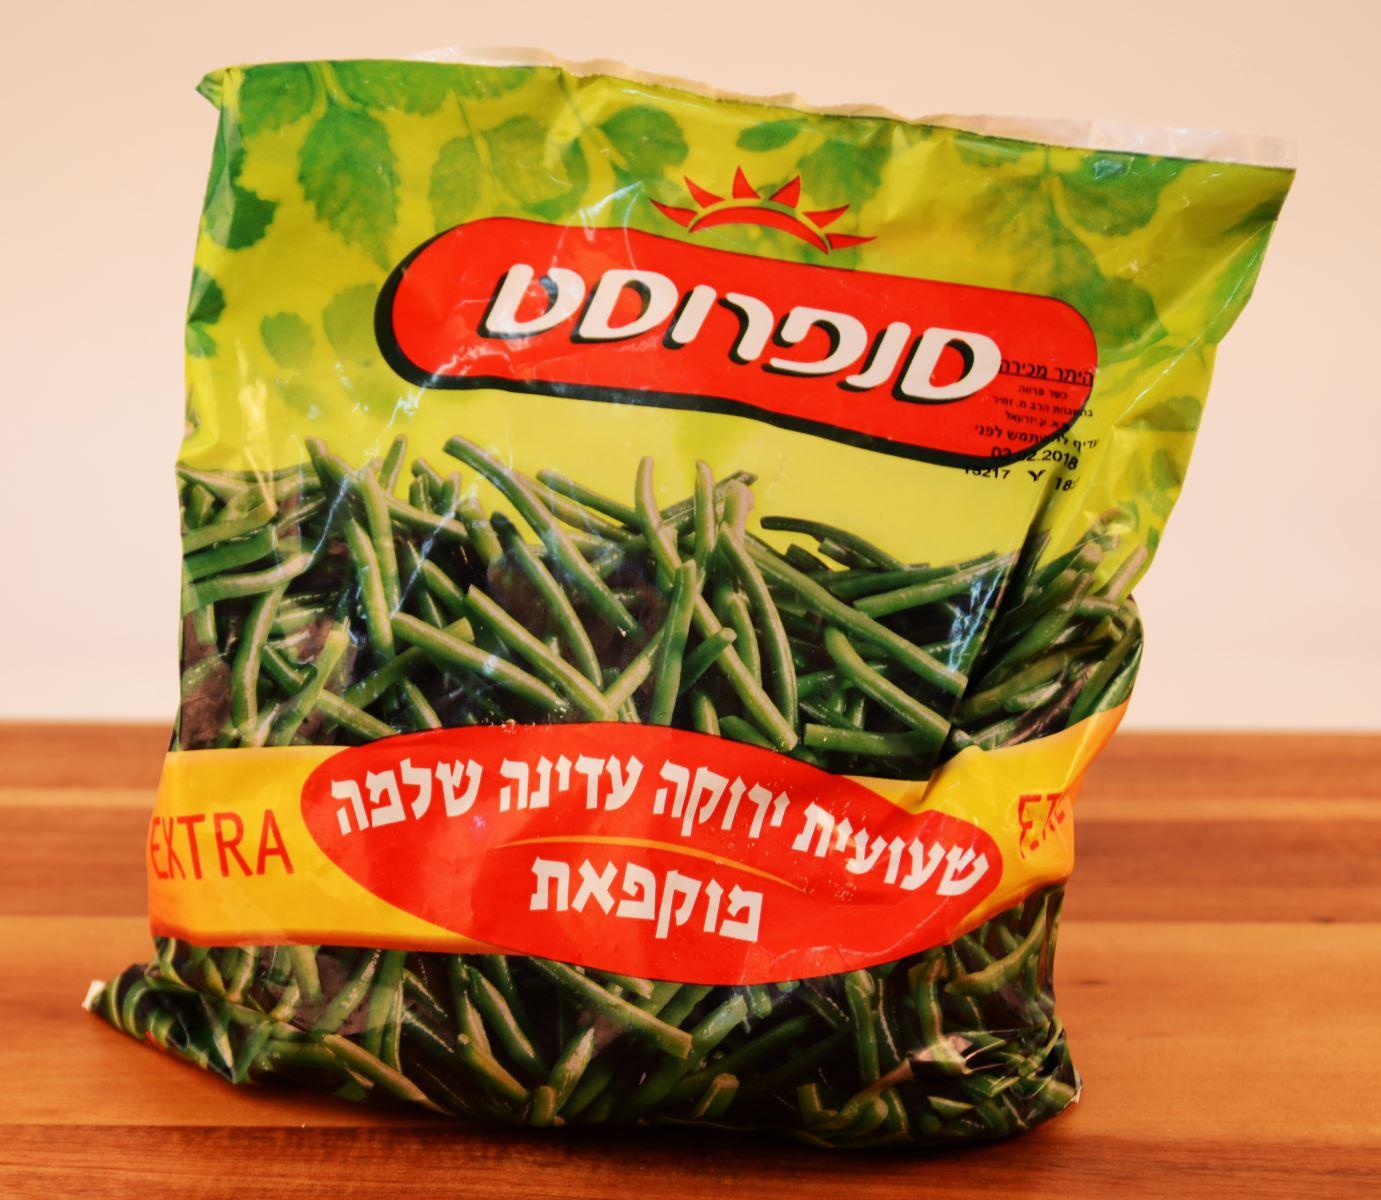 שעועית ירוקה שלמה